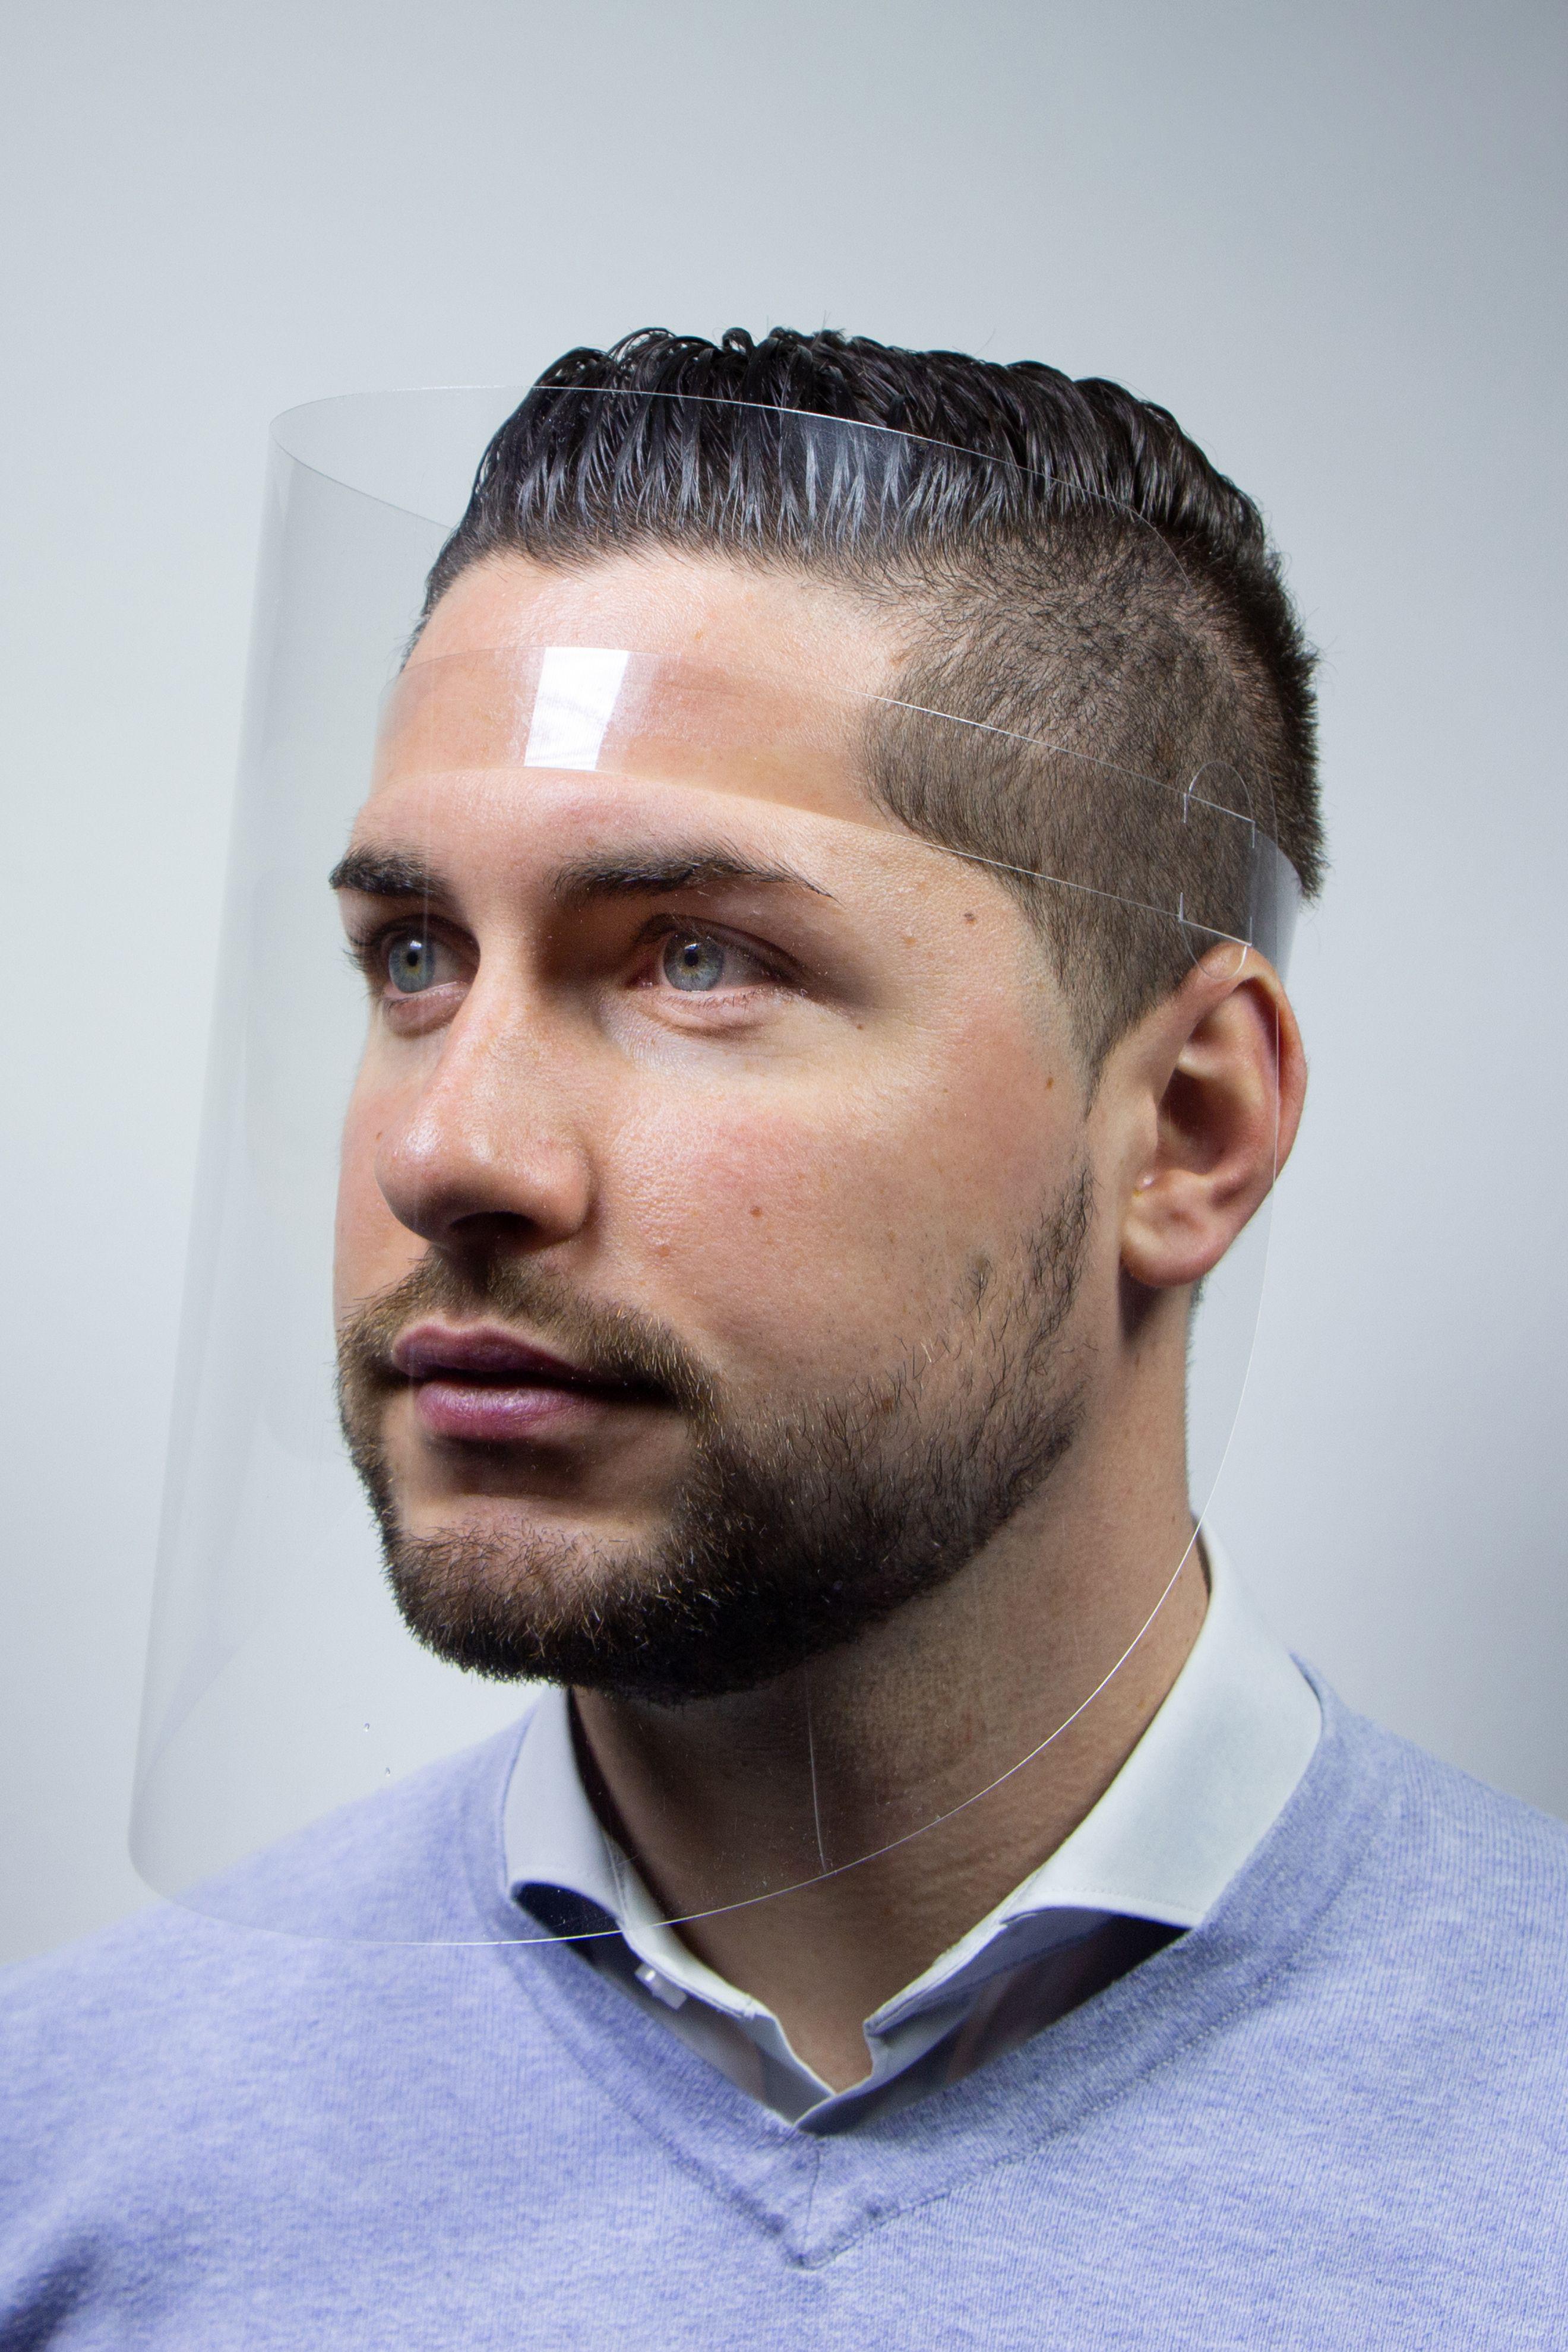 Face Shield transparent